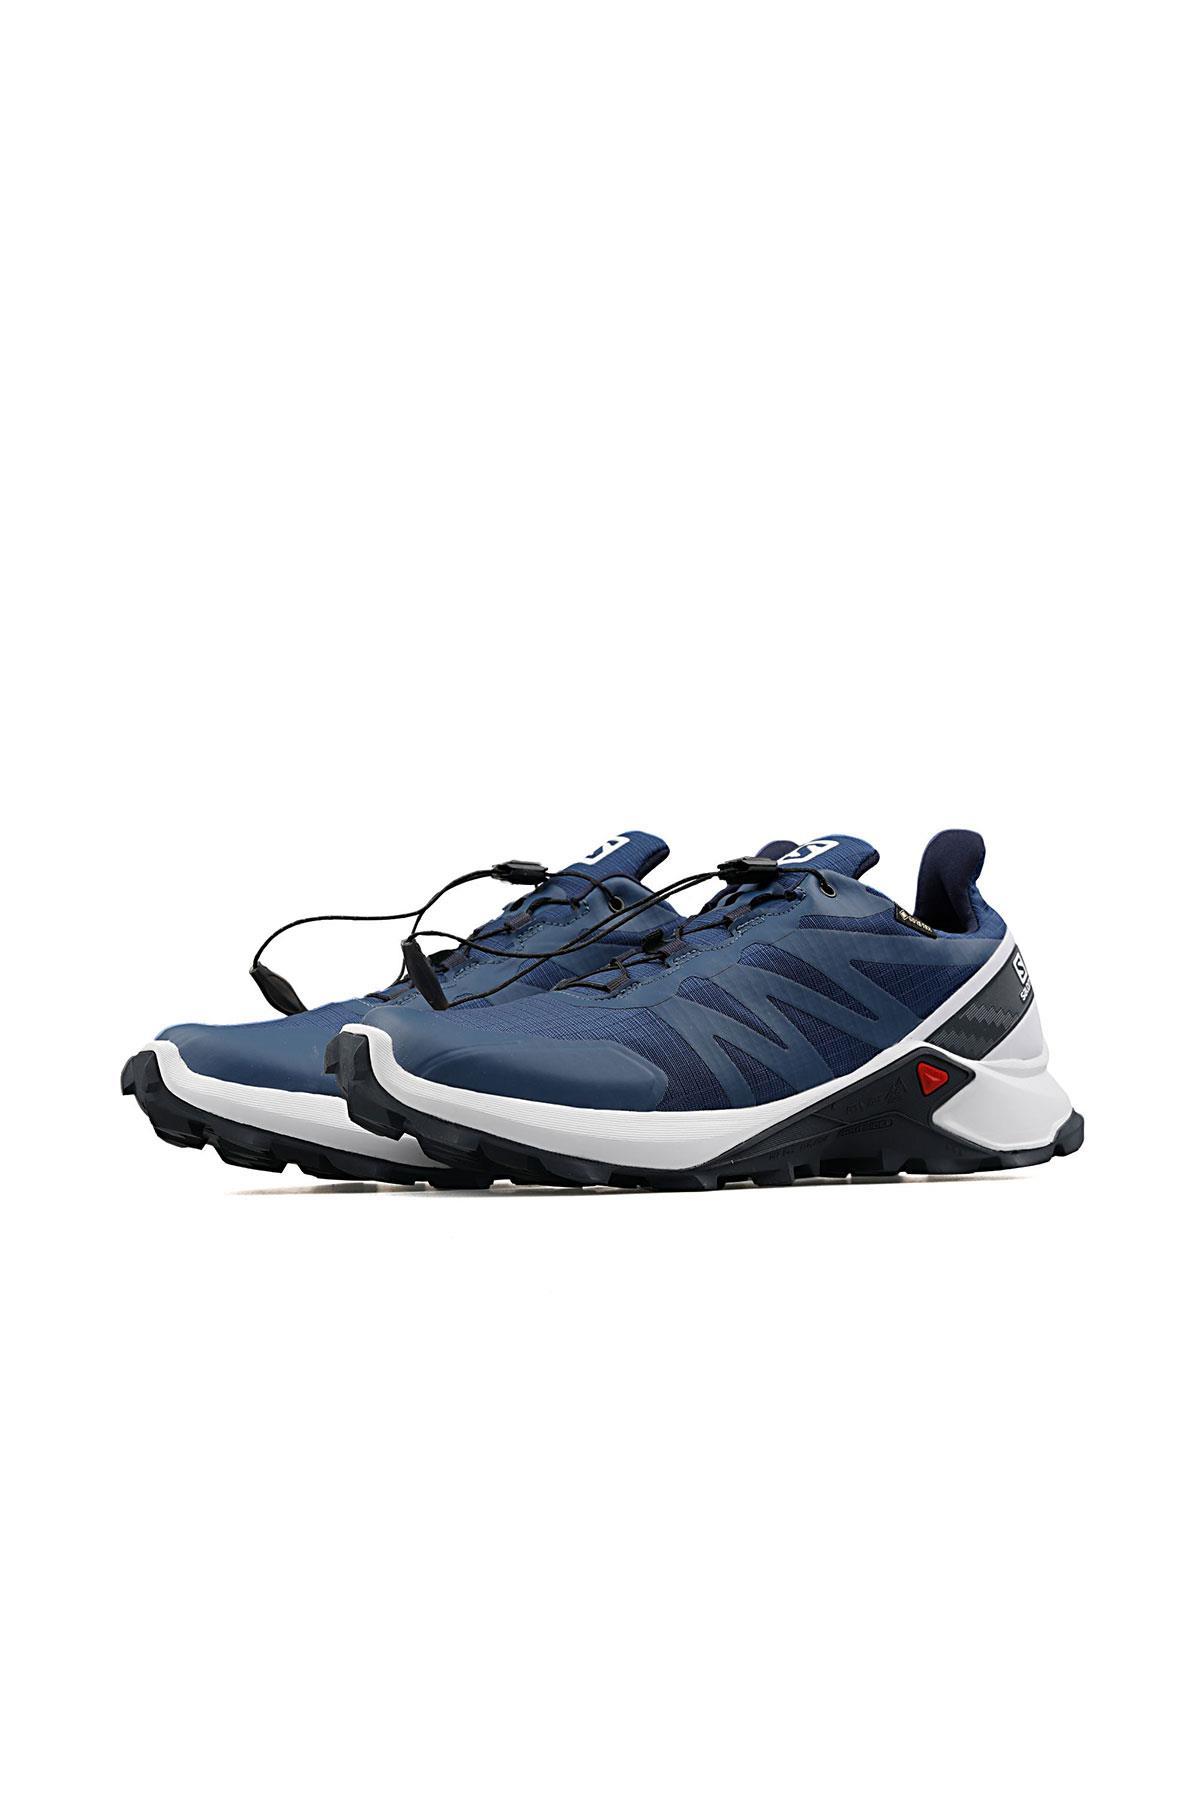 Salomon Supercross Goretex  Koşu Ayakkabı